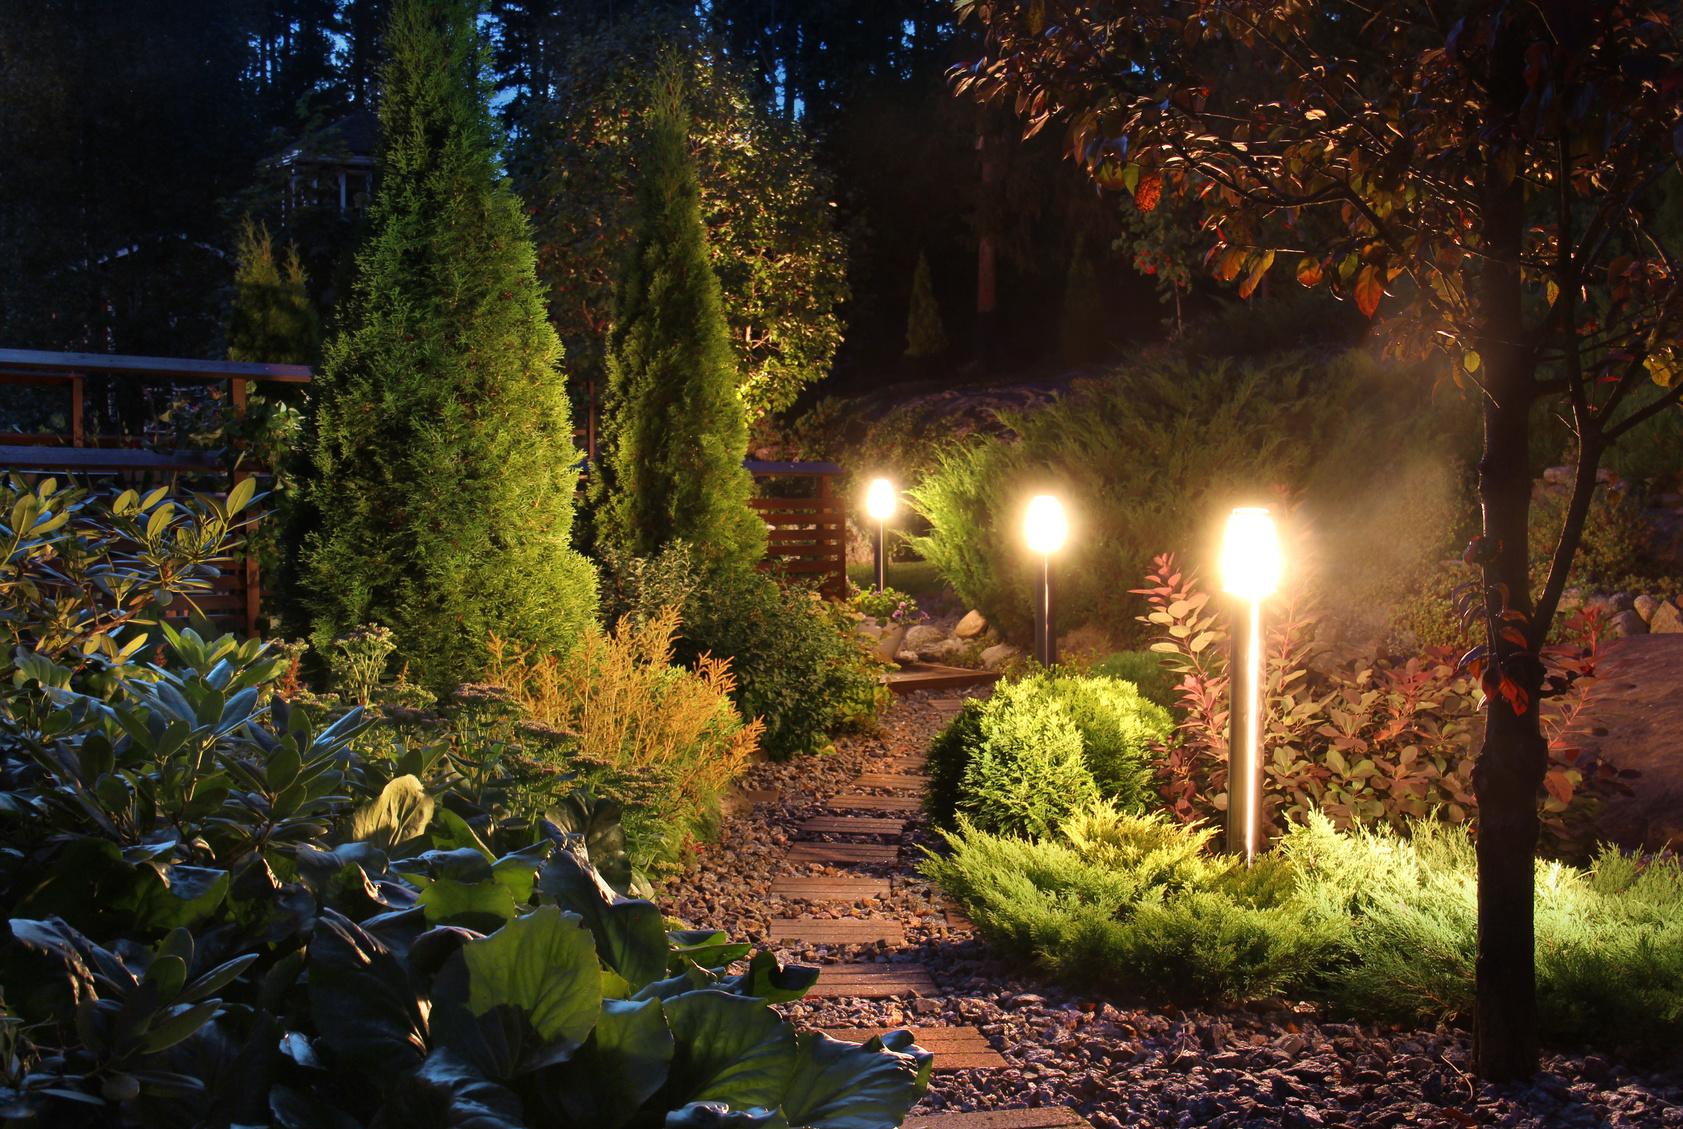 Najpiękniejsze aranżacje oświetleniowe w ogrodzie